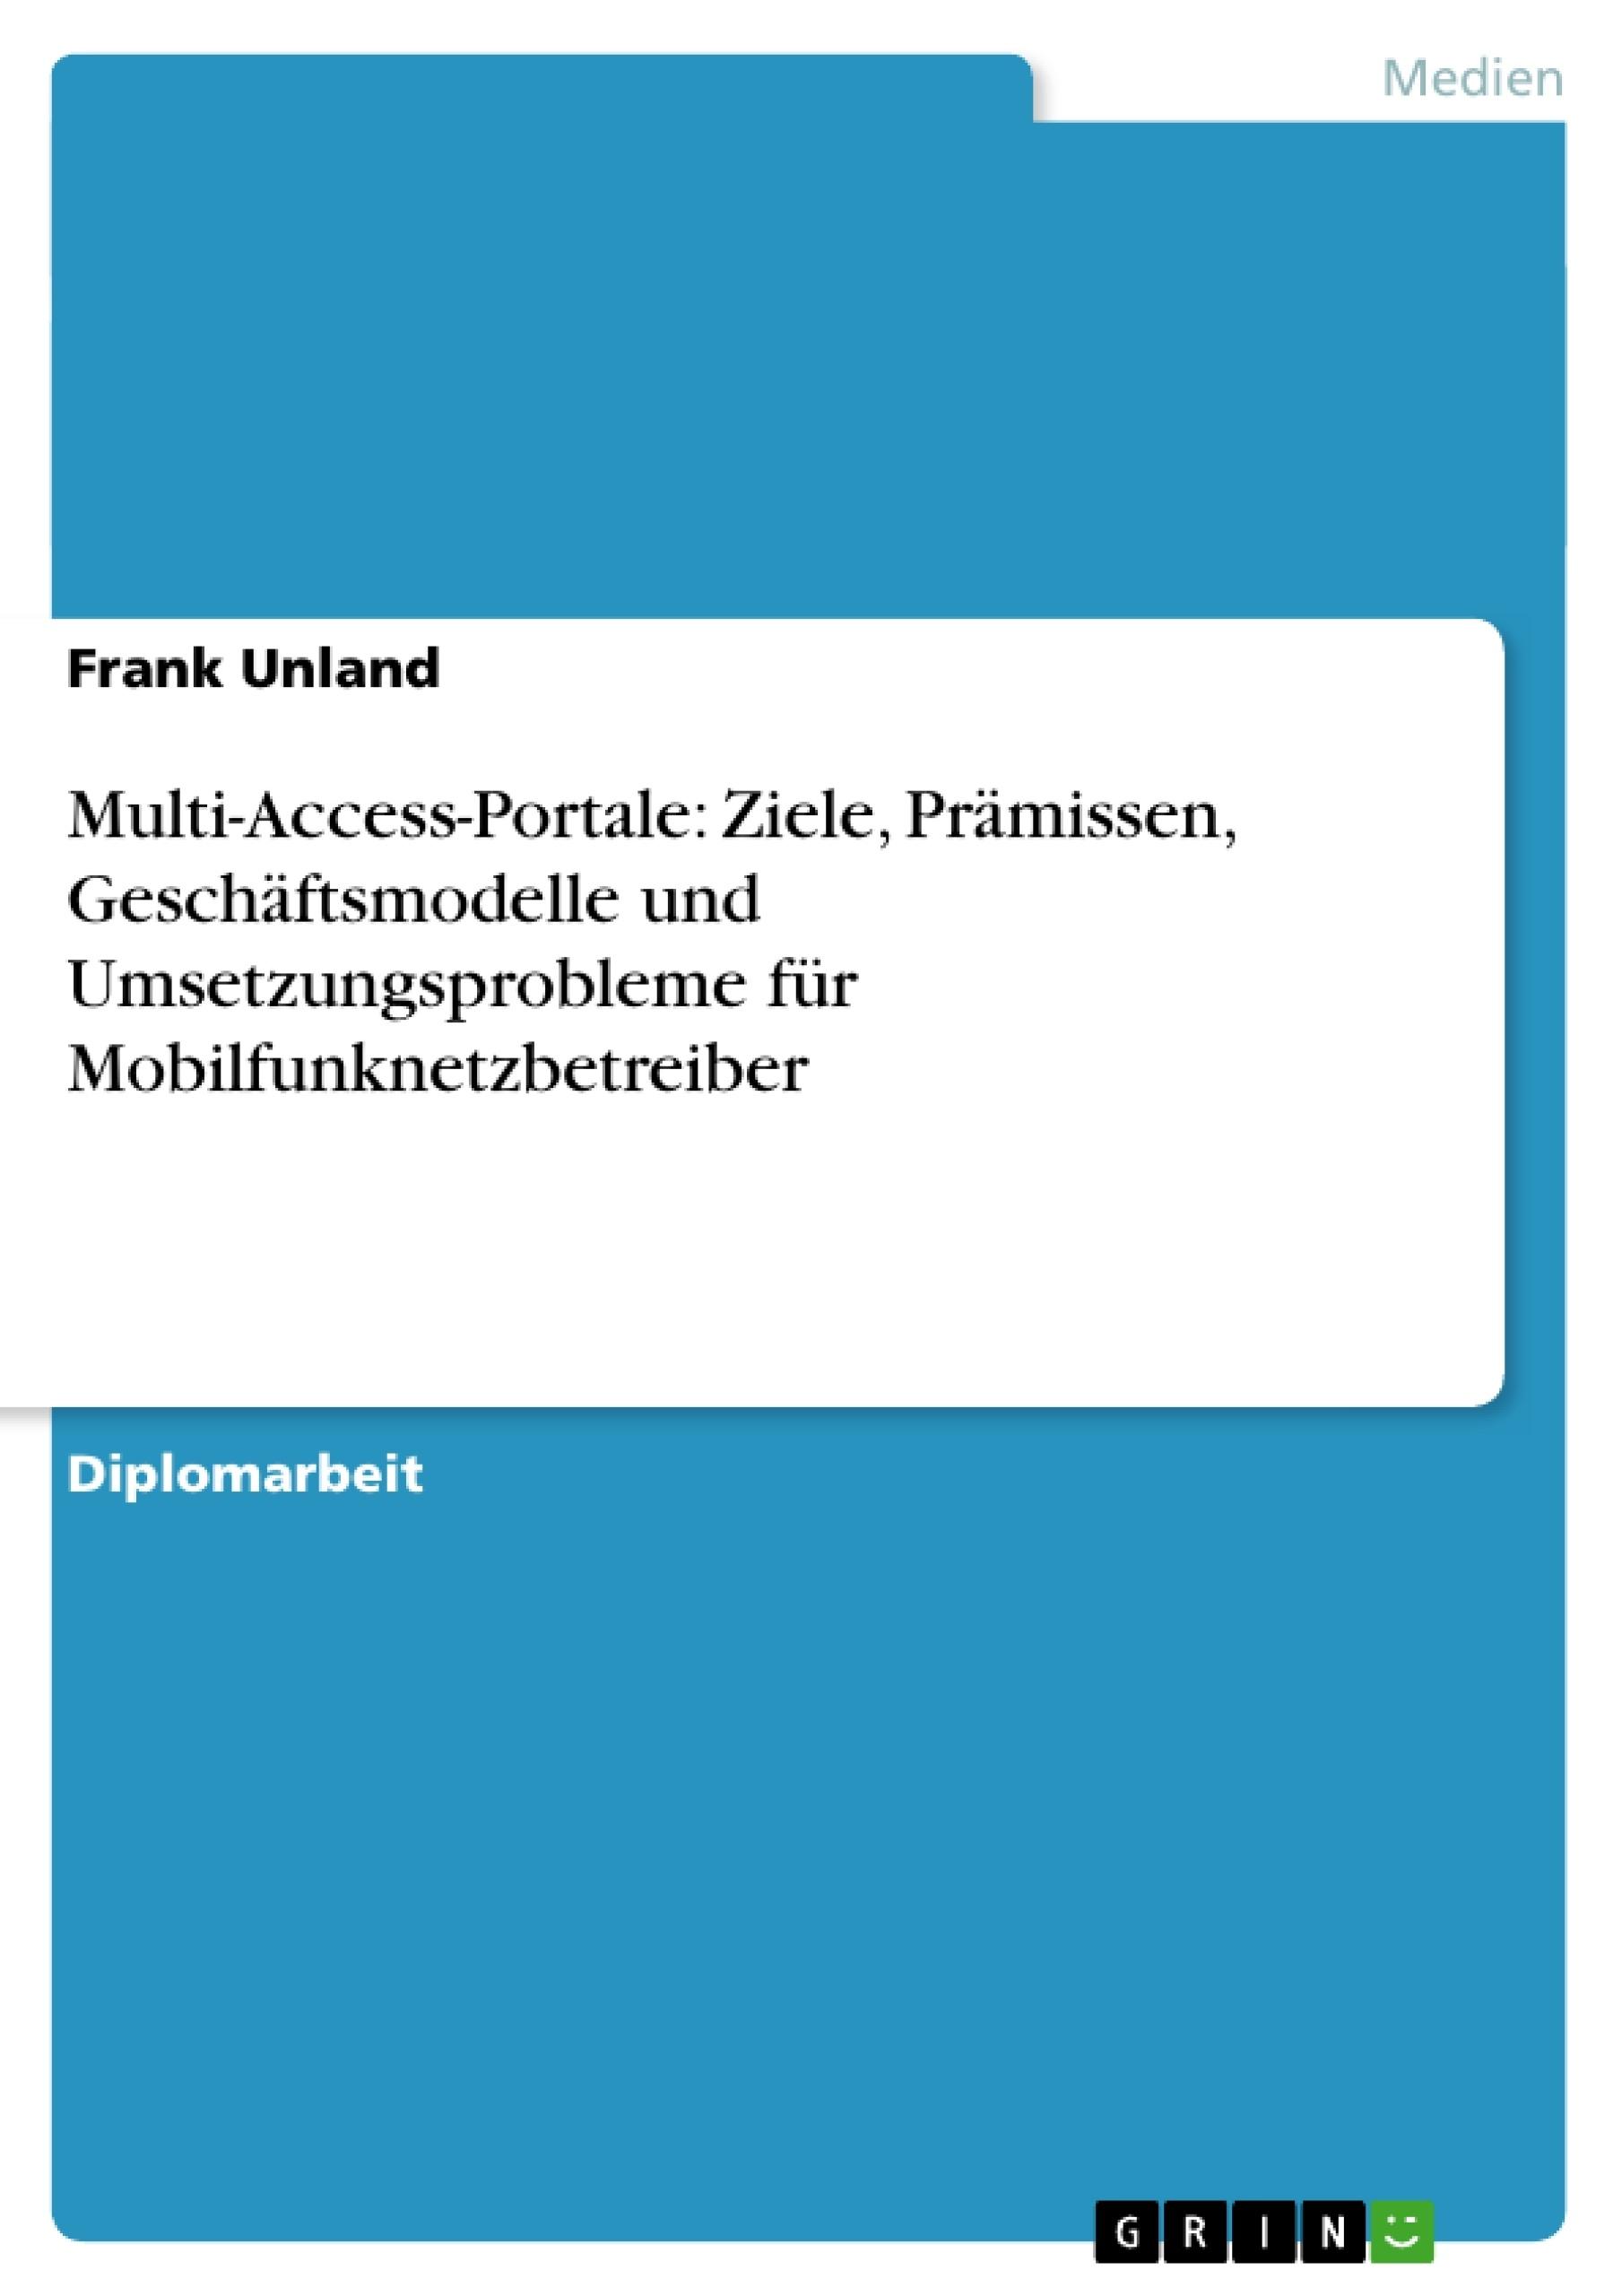 Titel: Multi-Access-Portale: Ziele, Prämissen, Geschäftsmodelle und Umsetzungsprobleme für Mobilfunknetzbetreiber